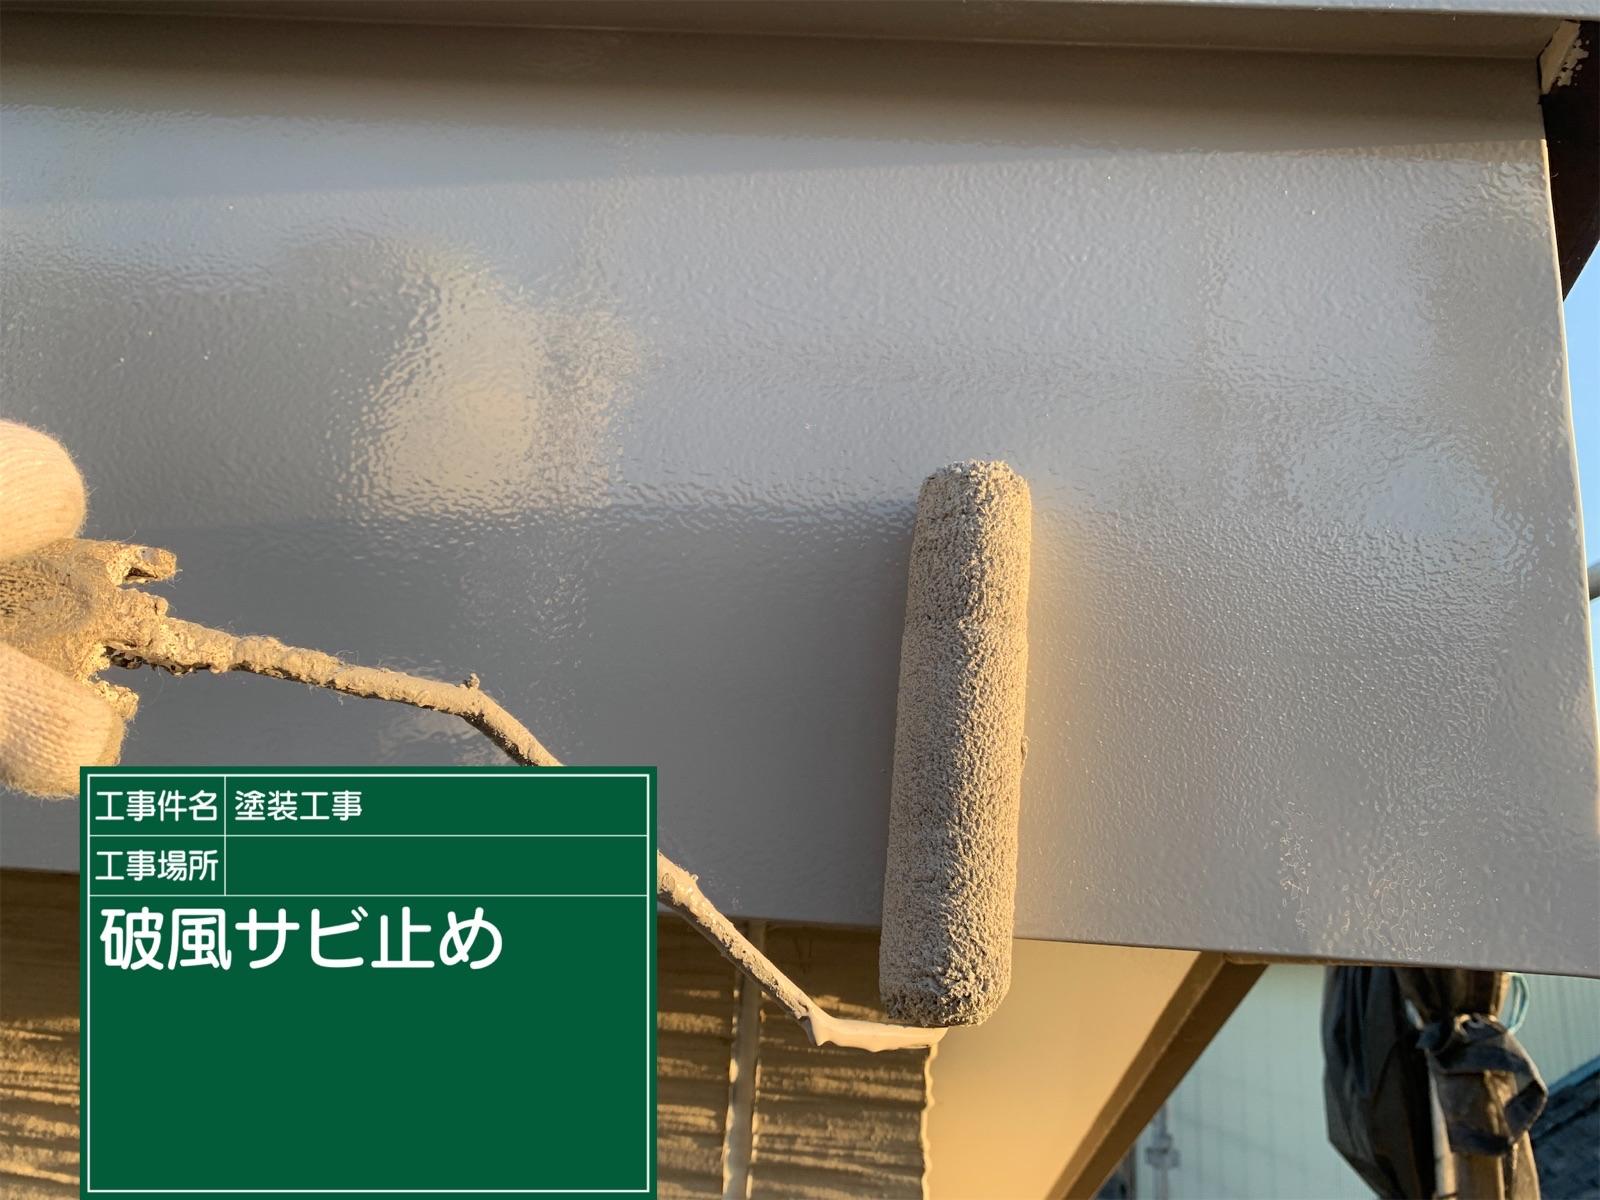 破風サビ止め中(3)300017